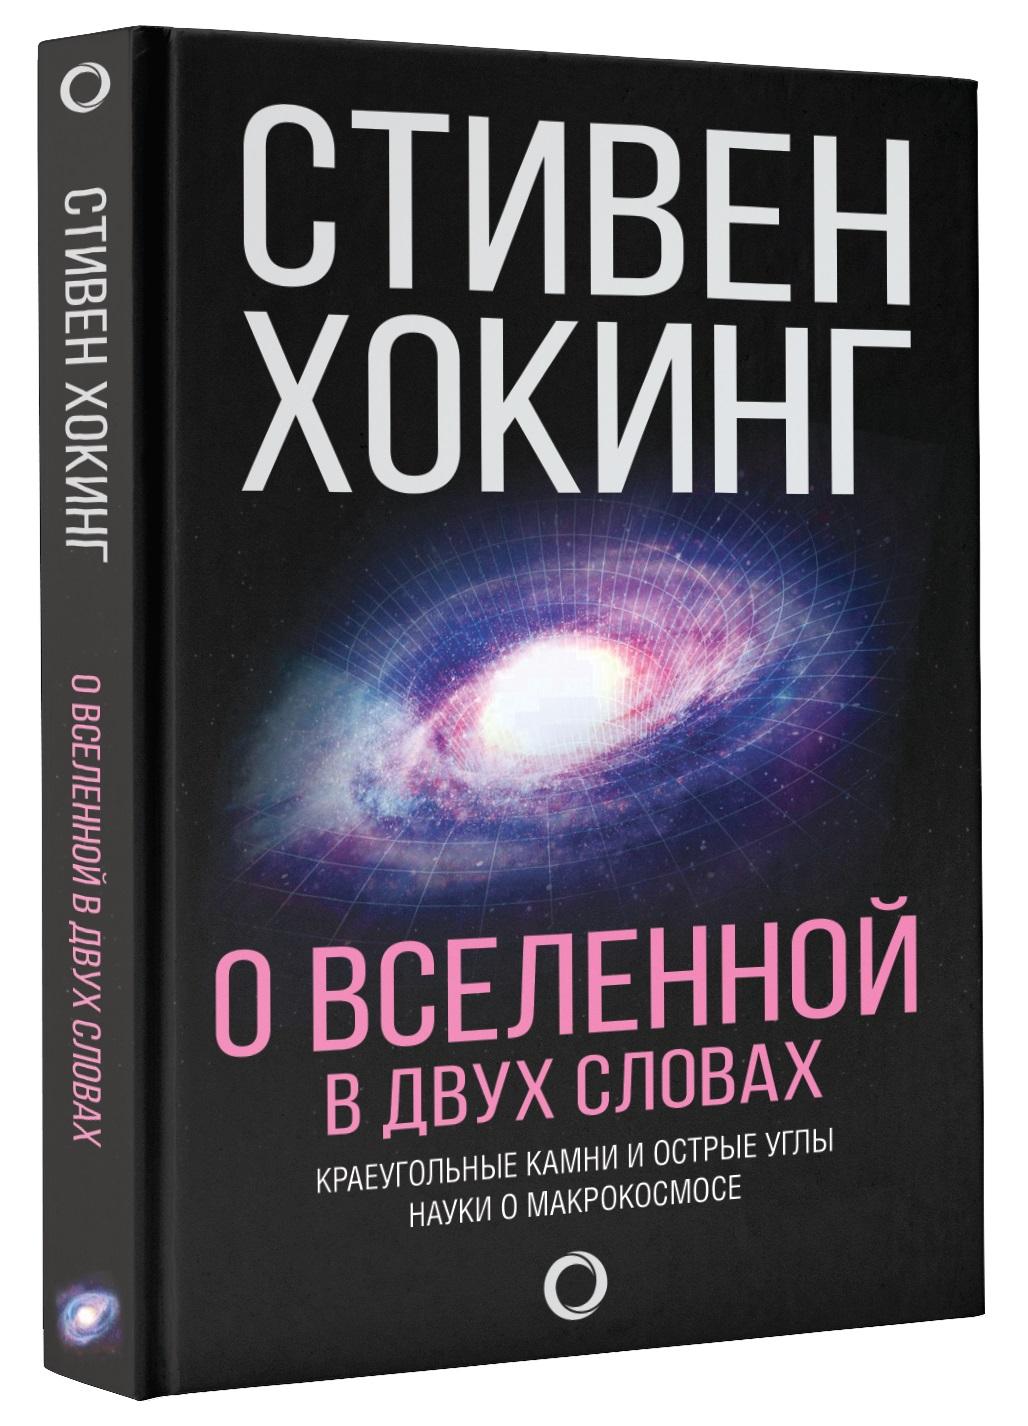 Стивен Хокинг О Вселенной в двух словах